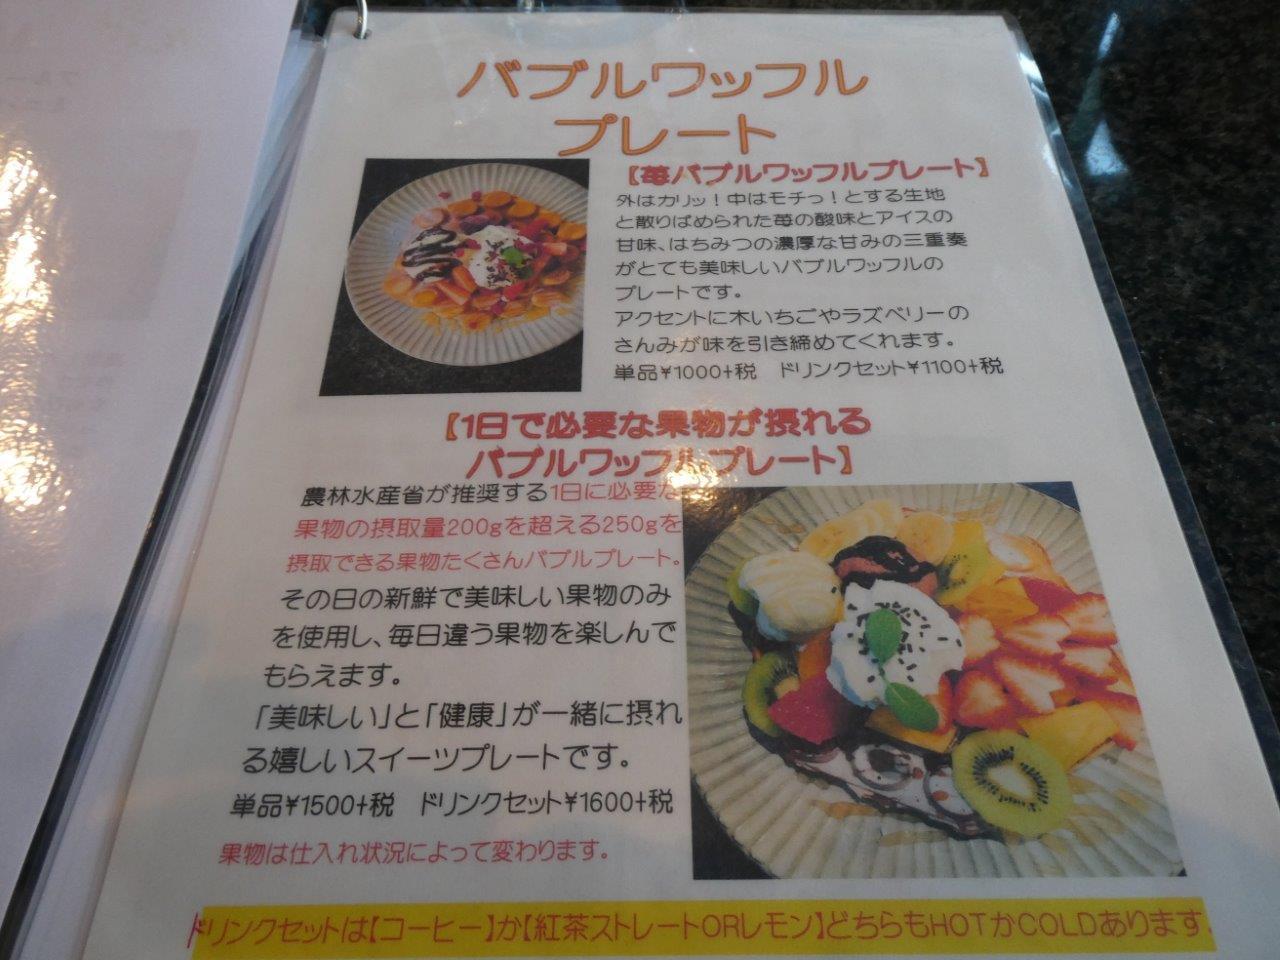 千馬ミヤビ (Miyabi)果物に精通した_d0106134_16004746.jpg